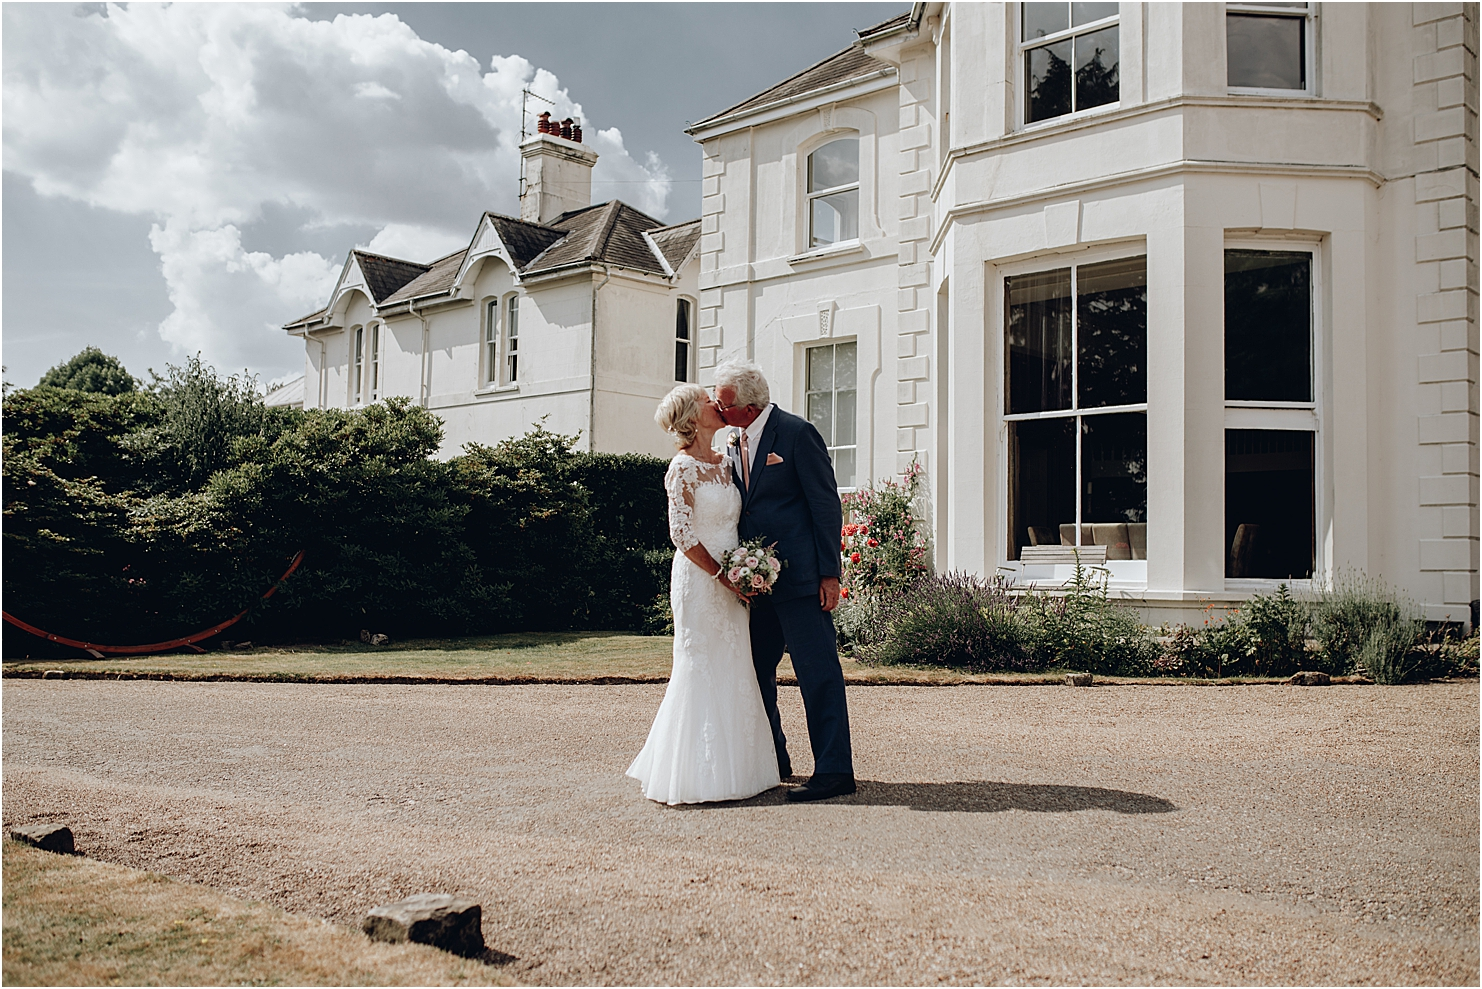 fotos de boda en exterior-12.jpg